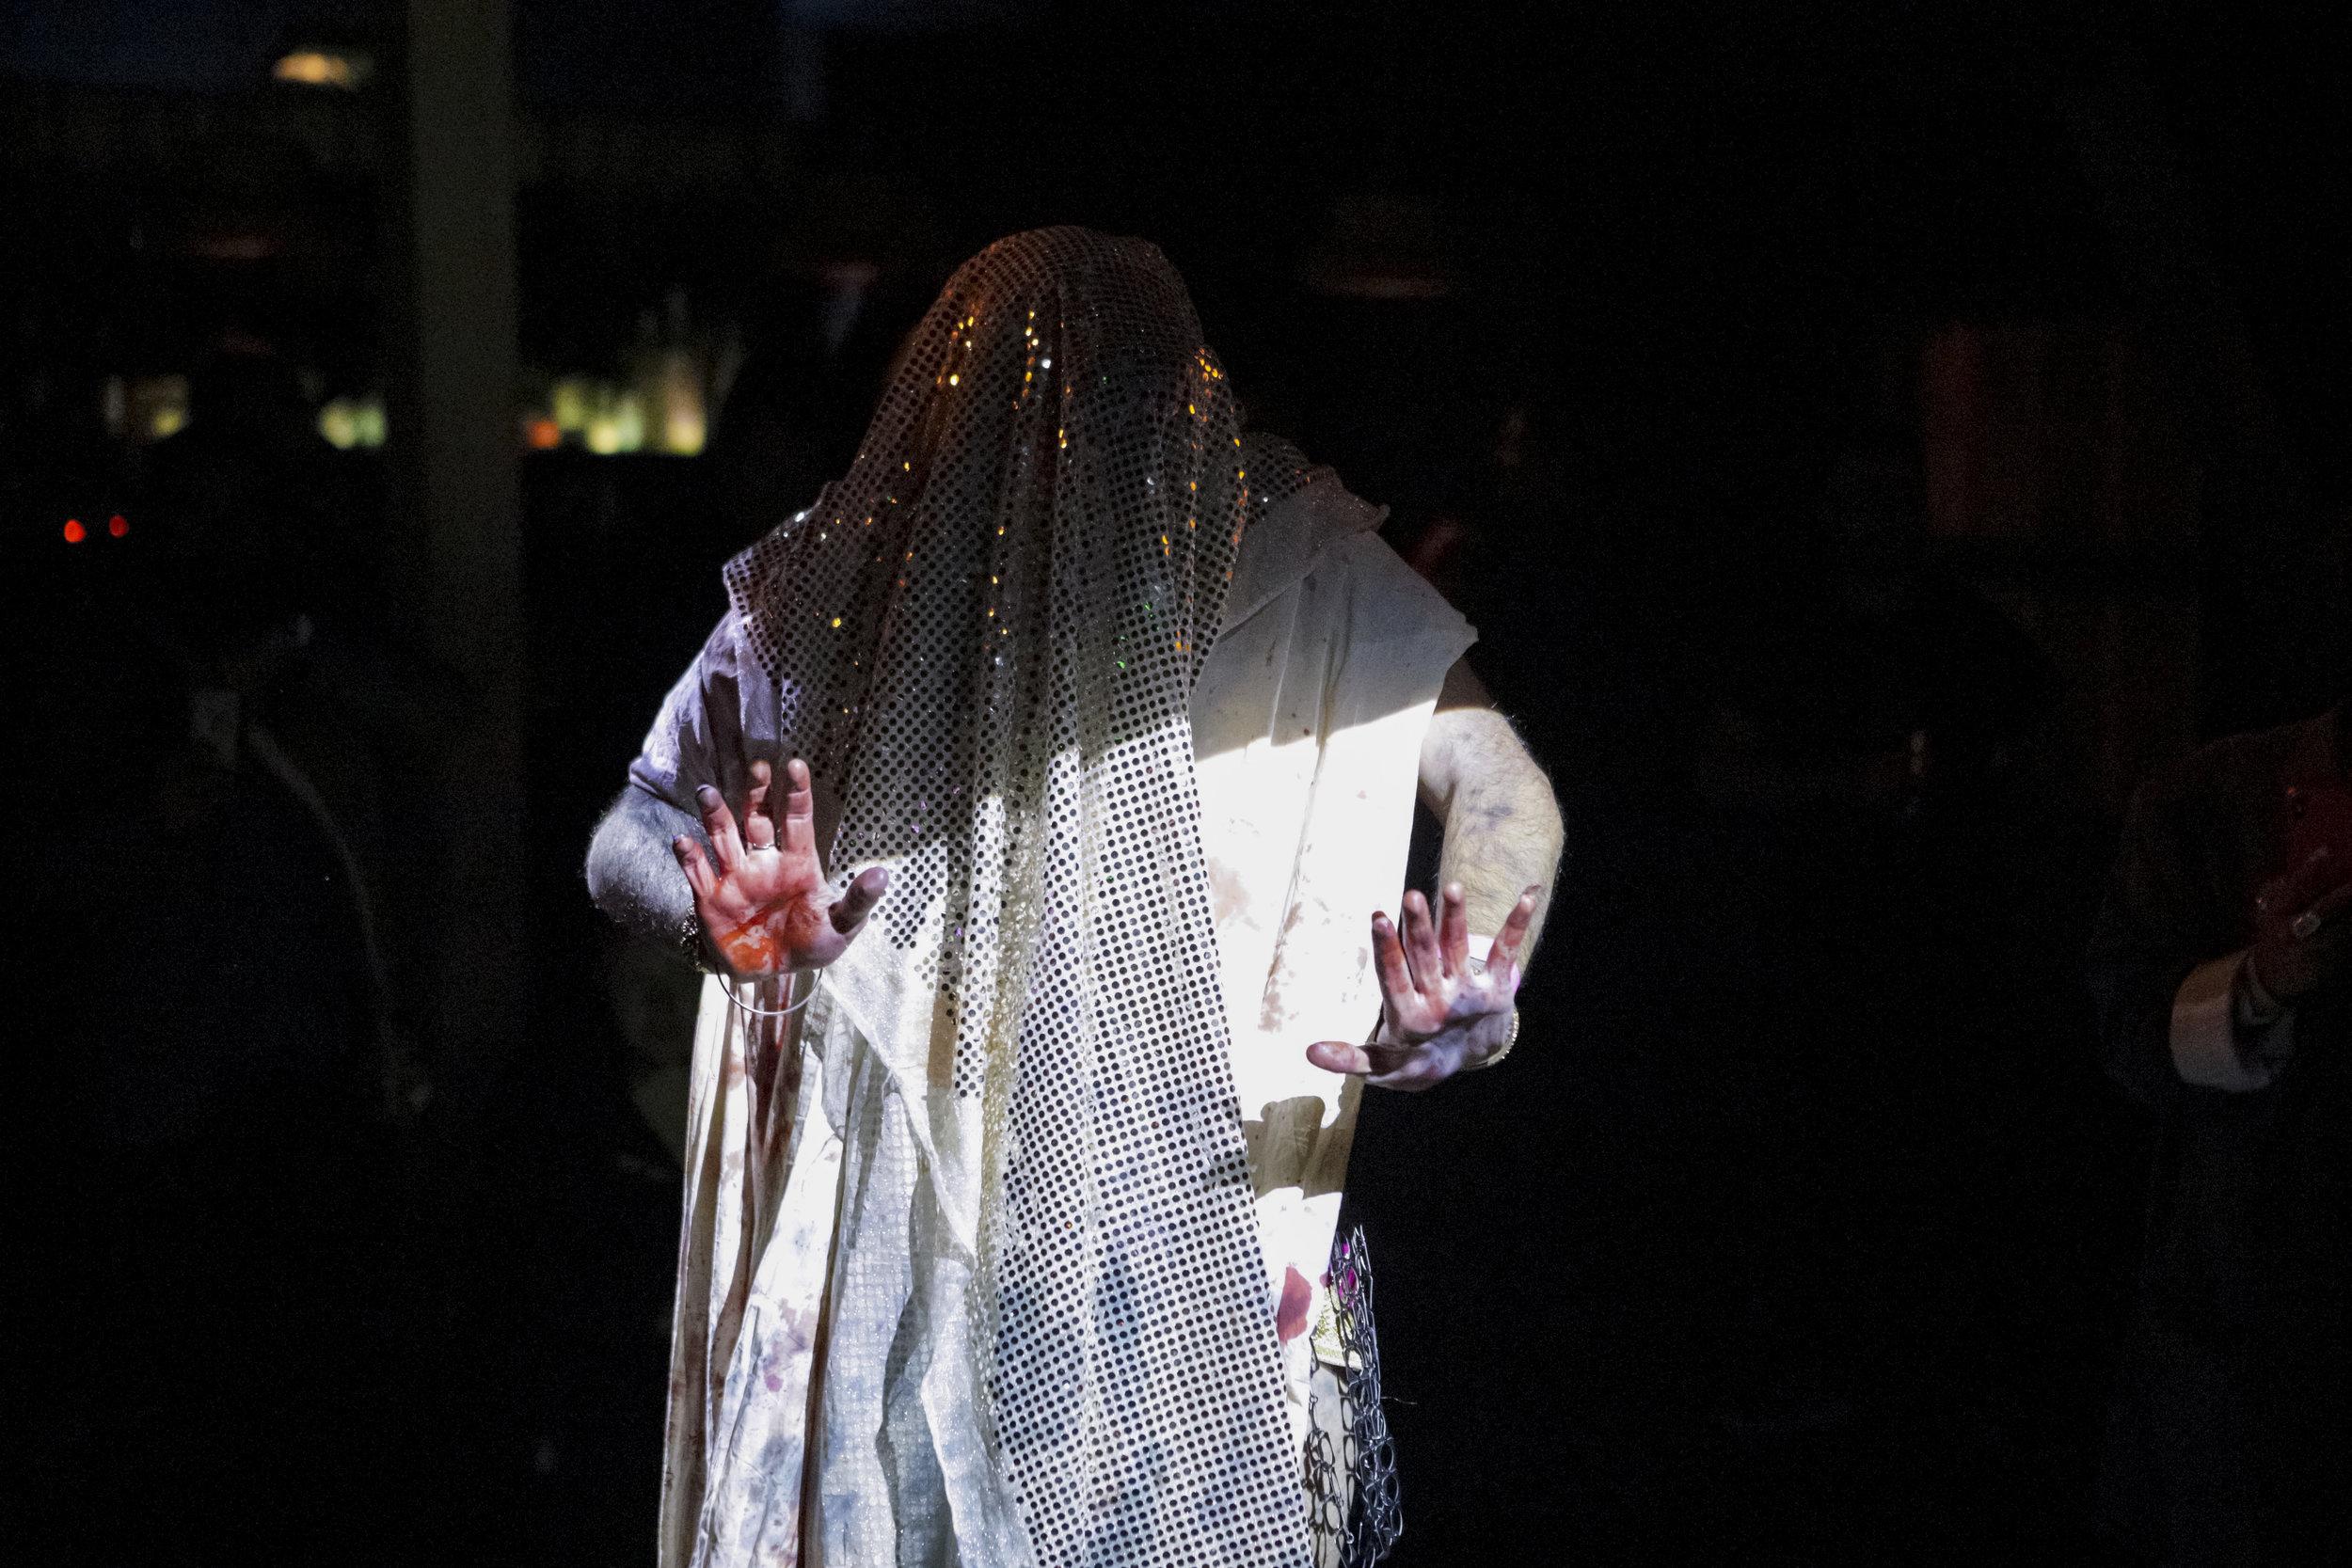 Zulfikar Ali Bhutto / Faluda Islam performing Alif is for Awakening